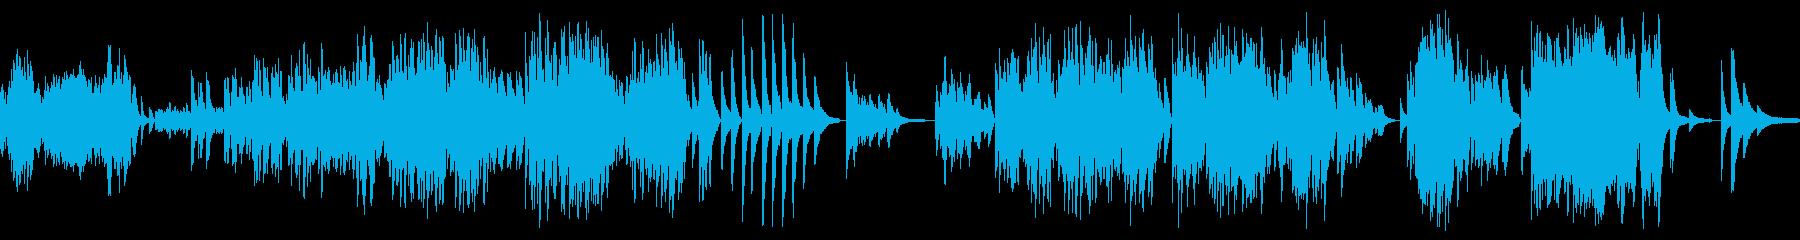 踊り子の成長物語を表現したピアノ曲の再生済みの波形